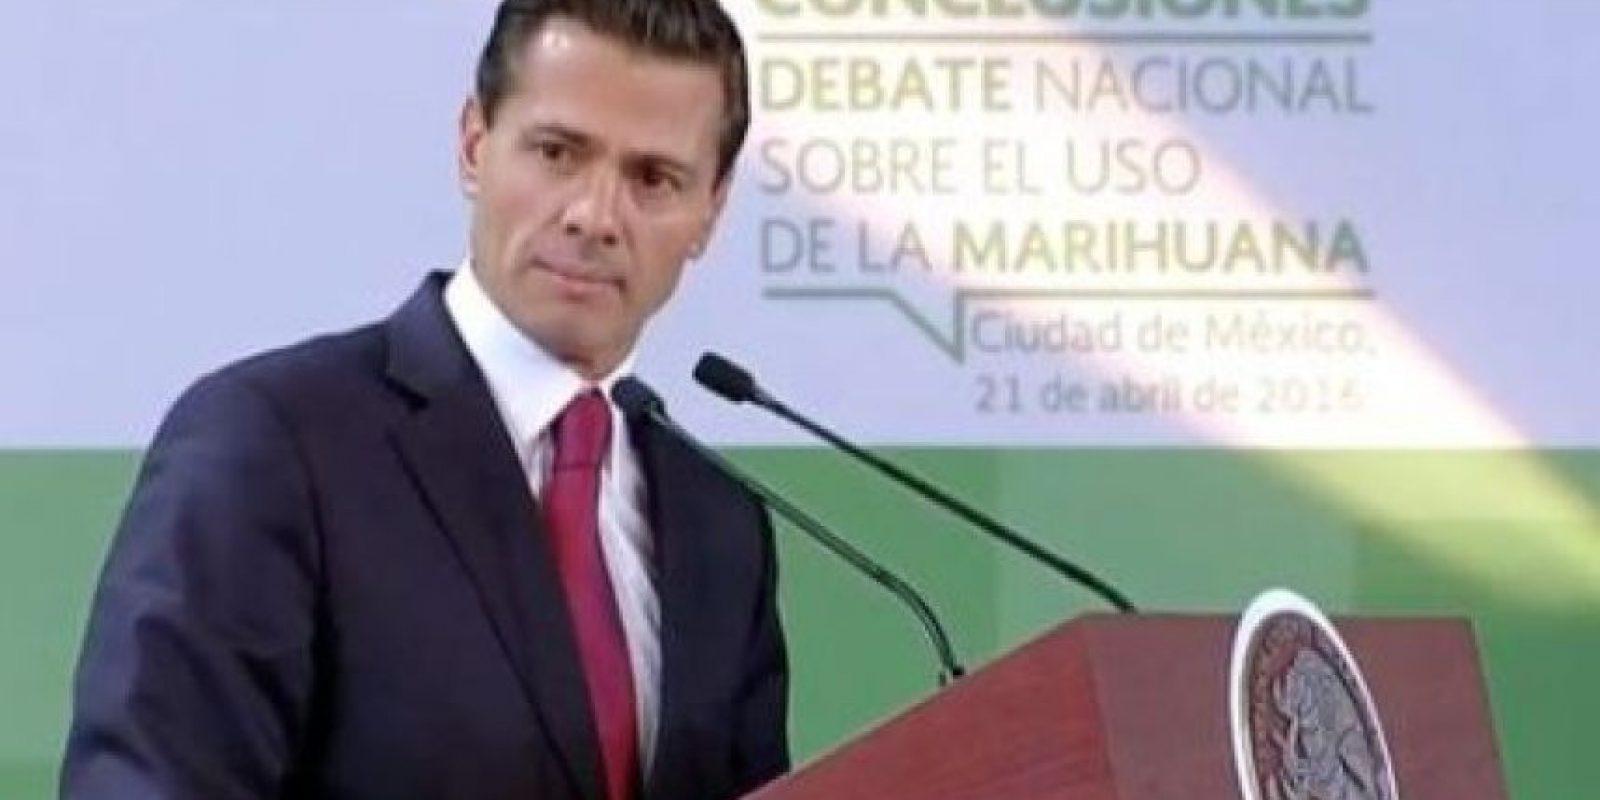 El presidente habló, el día de hoy en el marco del Debate Nacional Sobre el Uso de la Marihuana Foto:La silla Rota